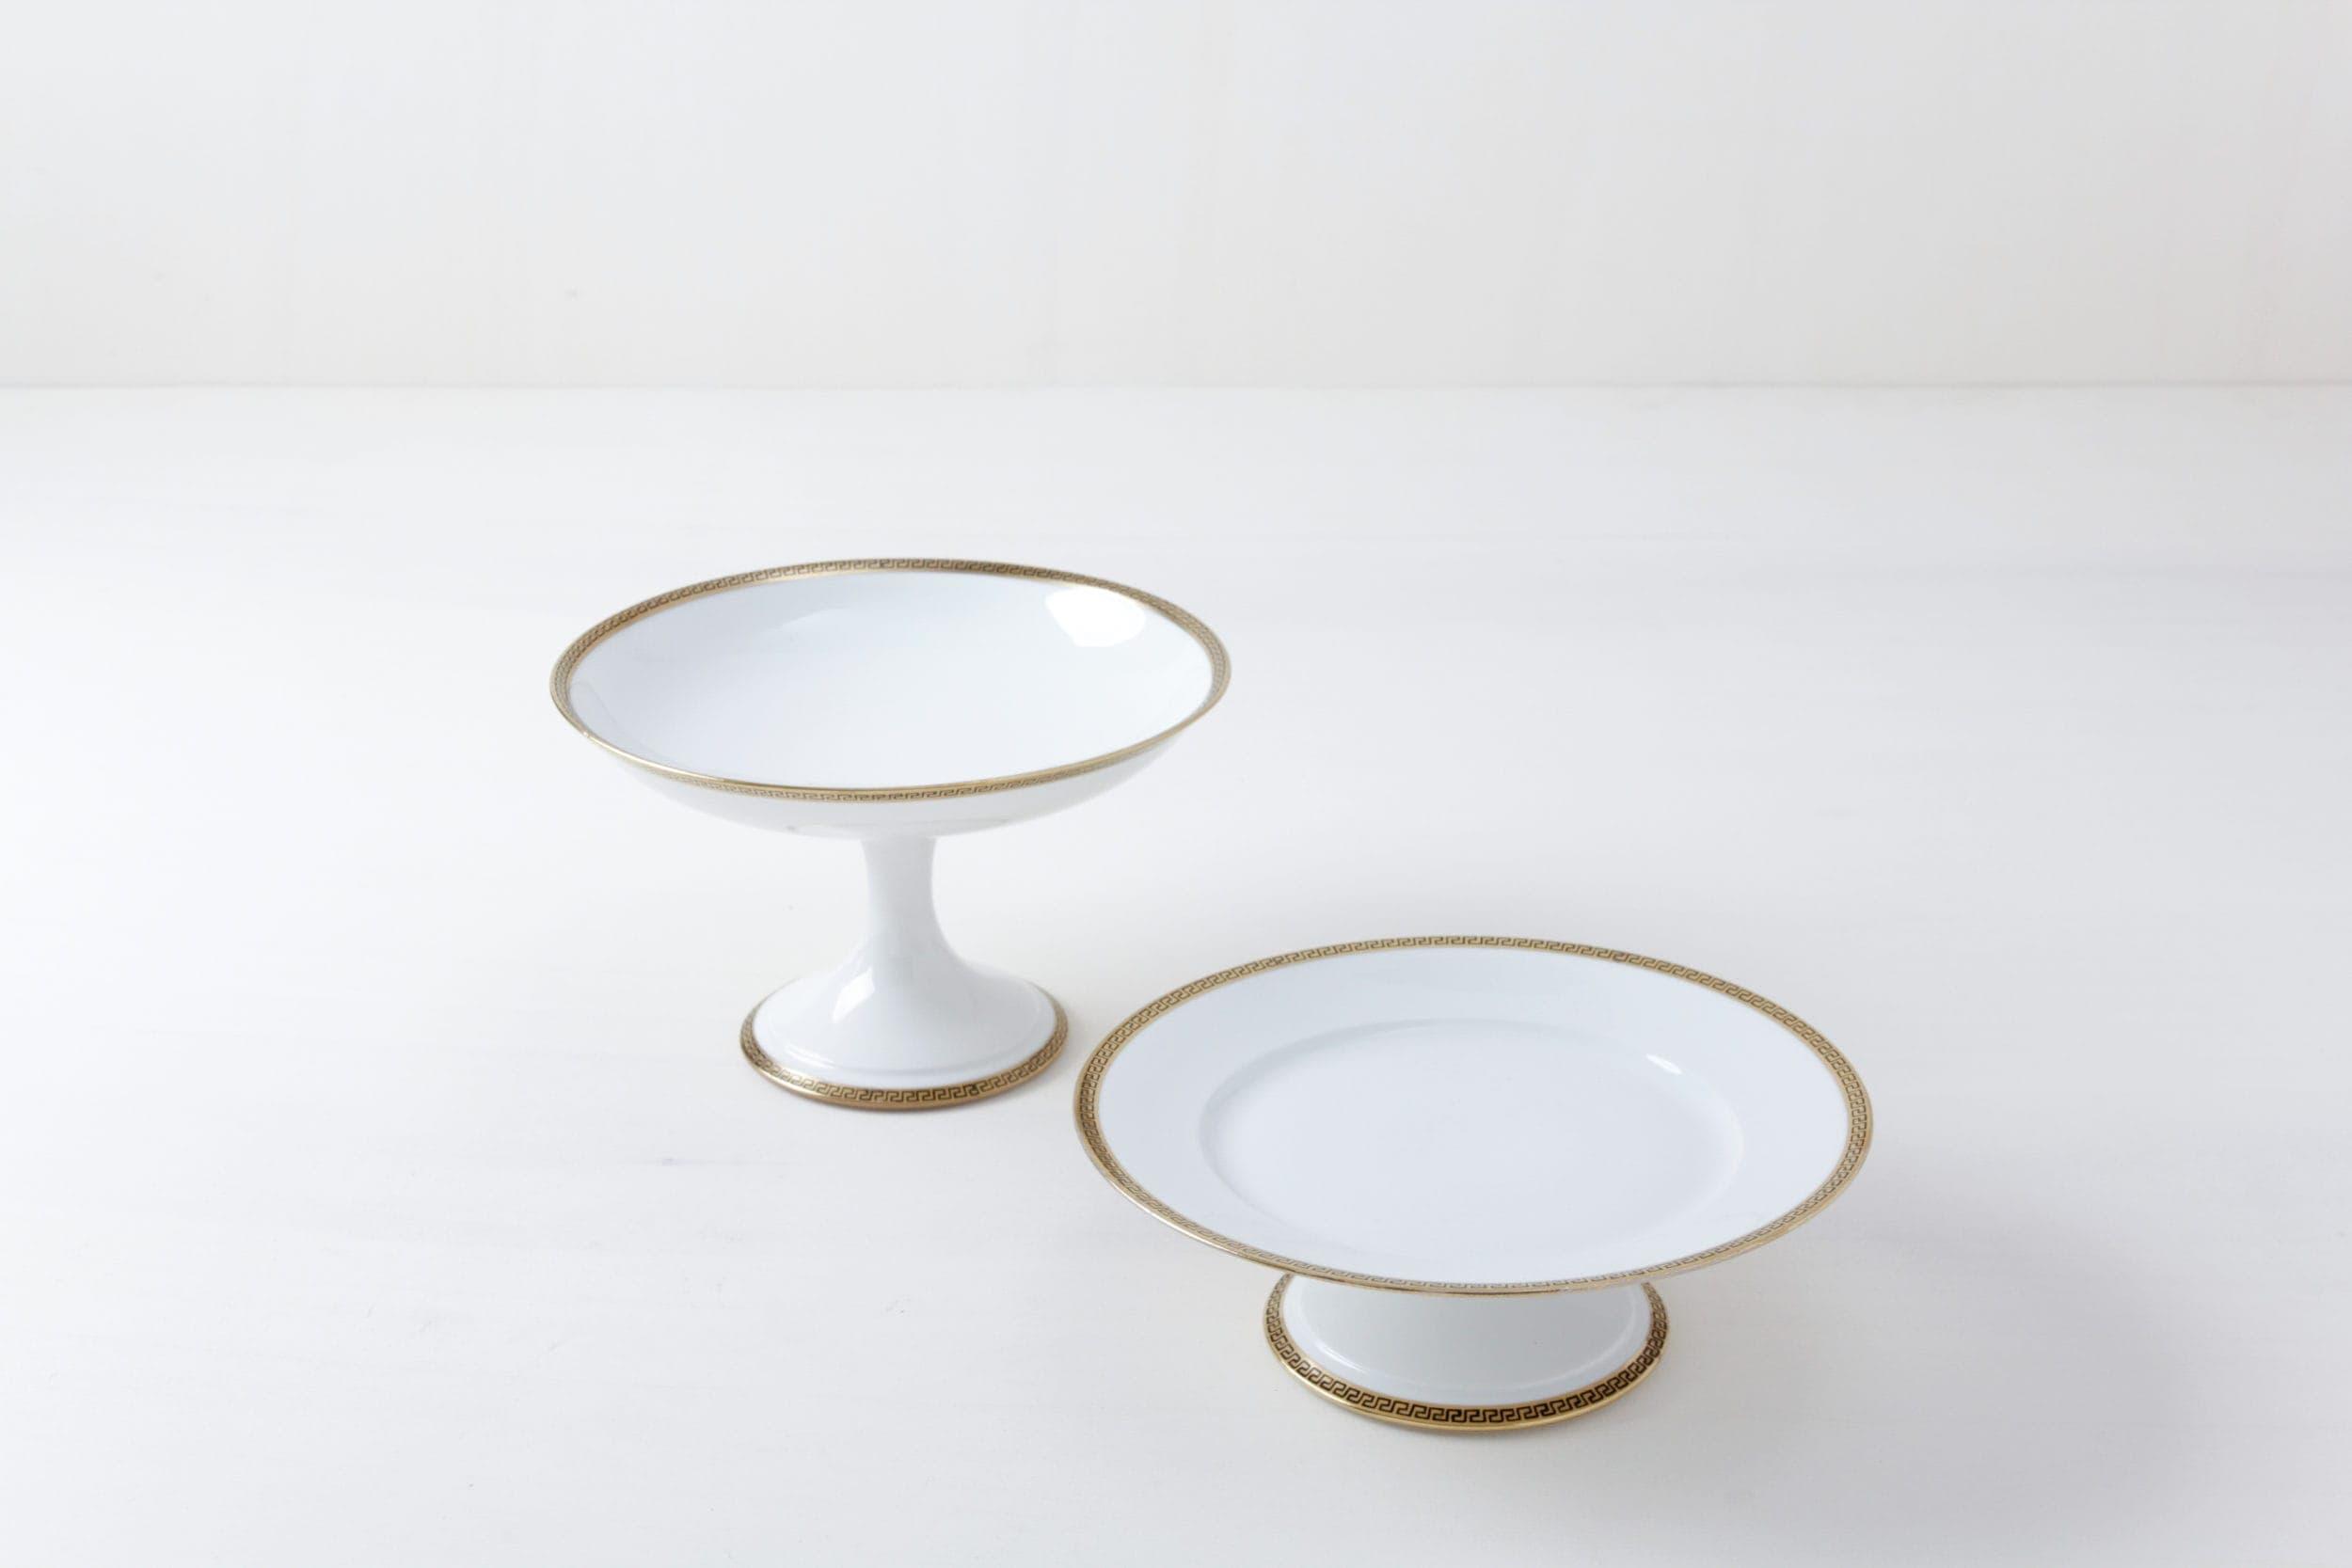 Kuchenplatten Set Kesara Gold | Zwei zueinander gehörende Kuchenständer mit goldenen Details. | gotvintage Rental & Event Design